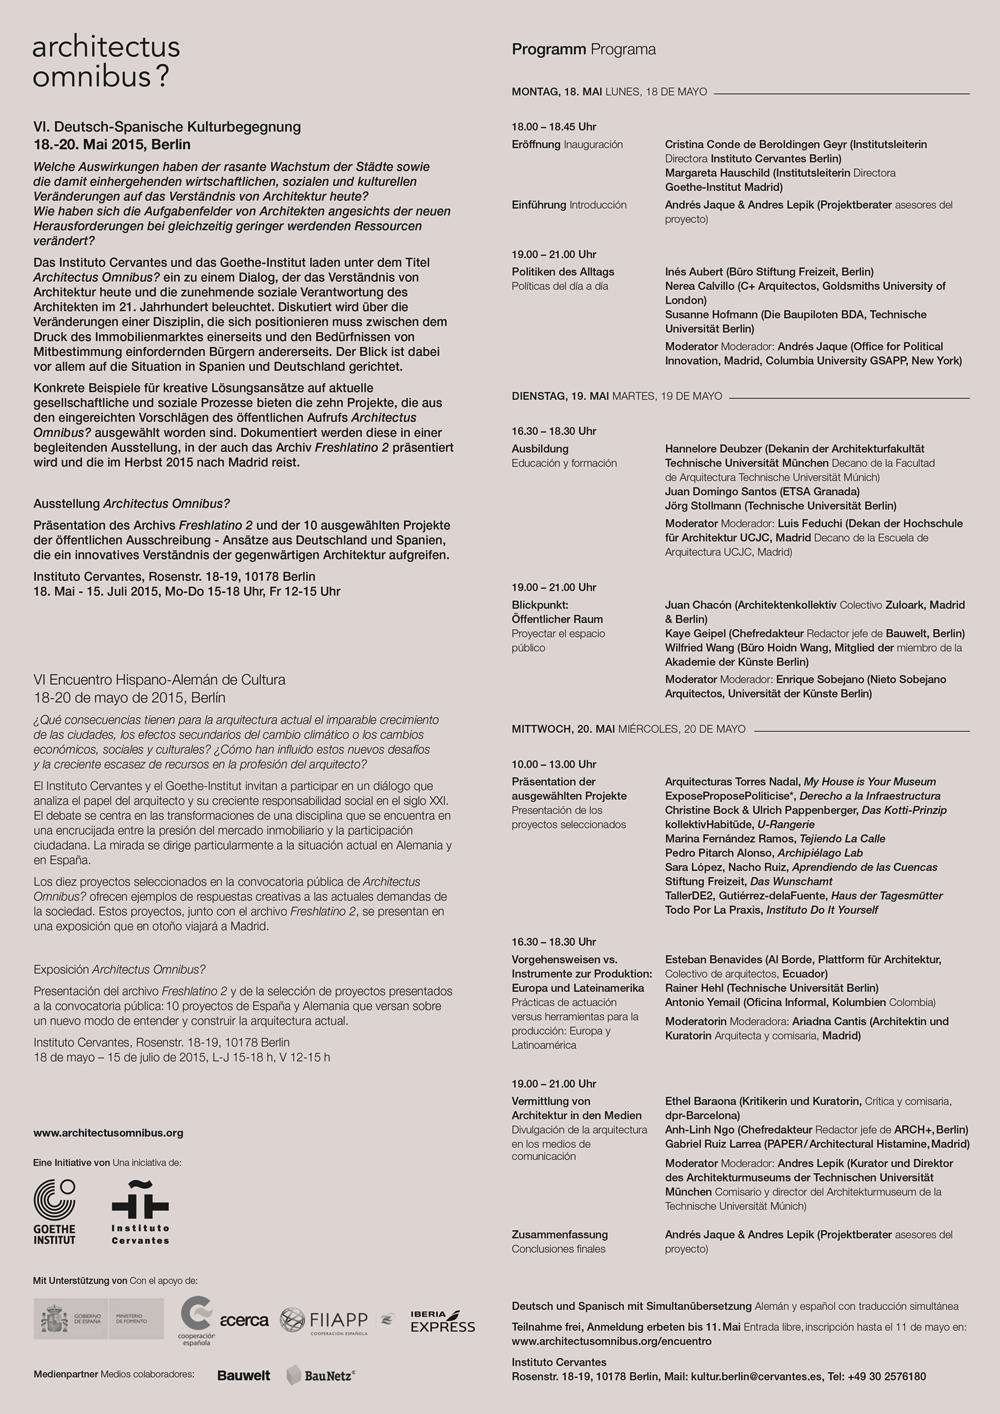 AO-Programm-Berlin-2